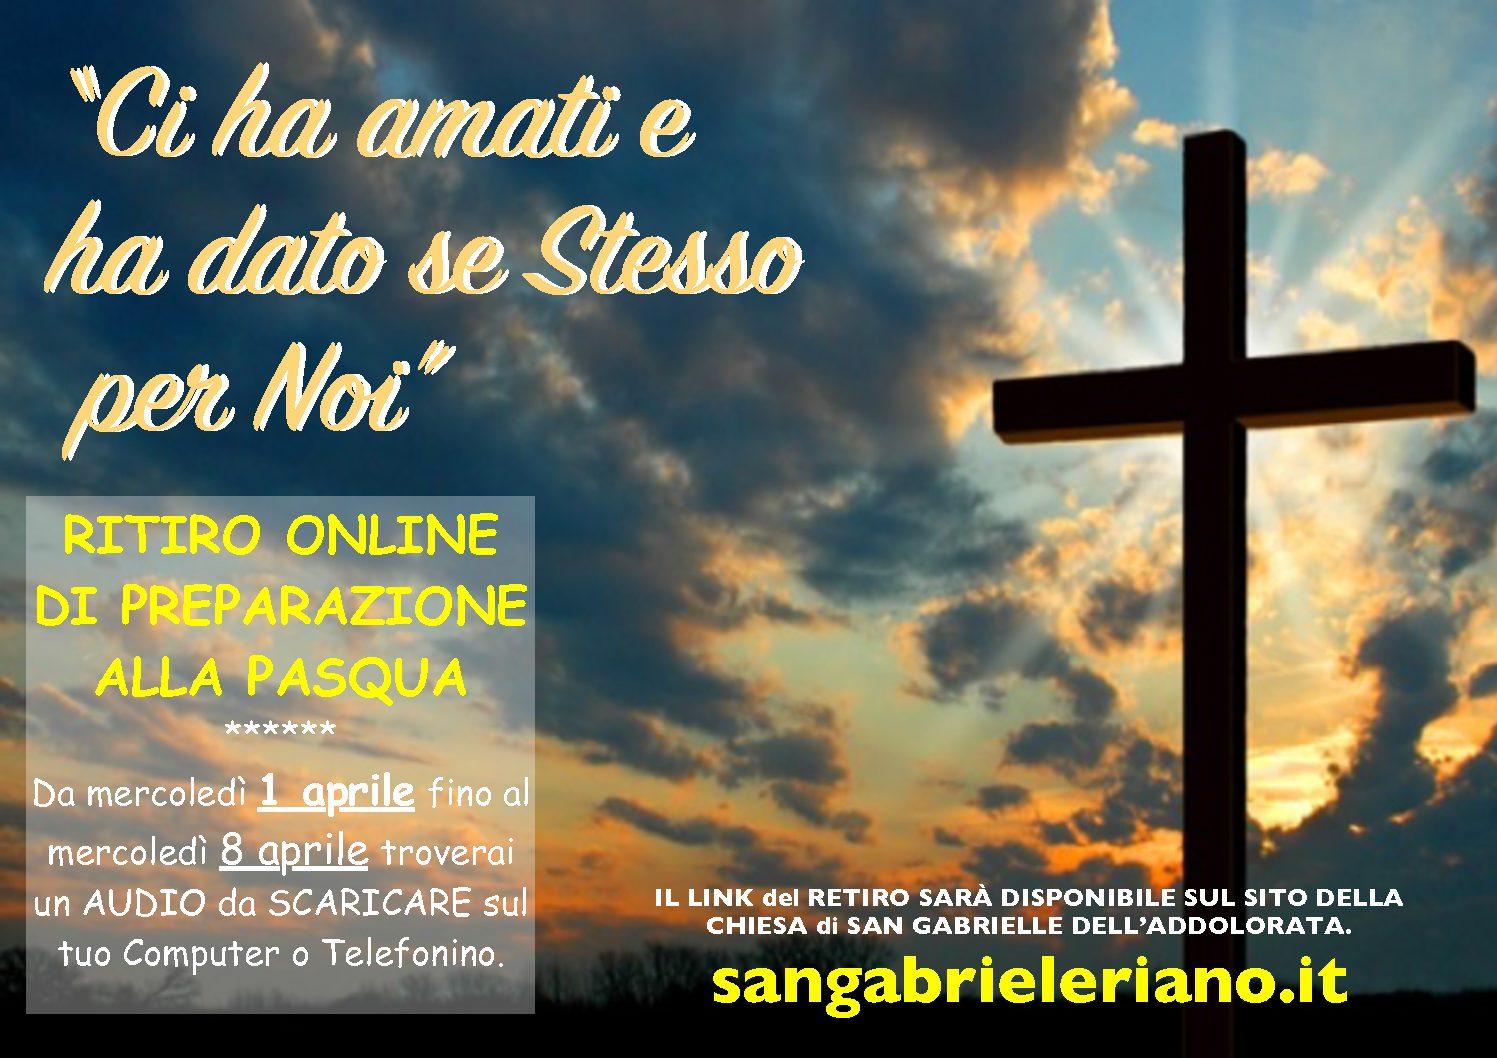 Ritiro online di preparazione alla Pasqua 2020